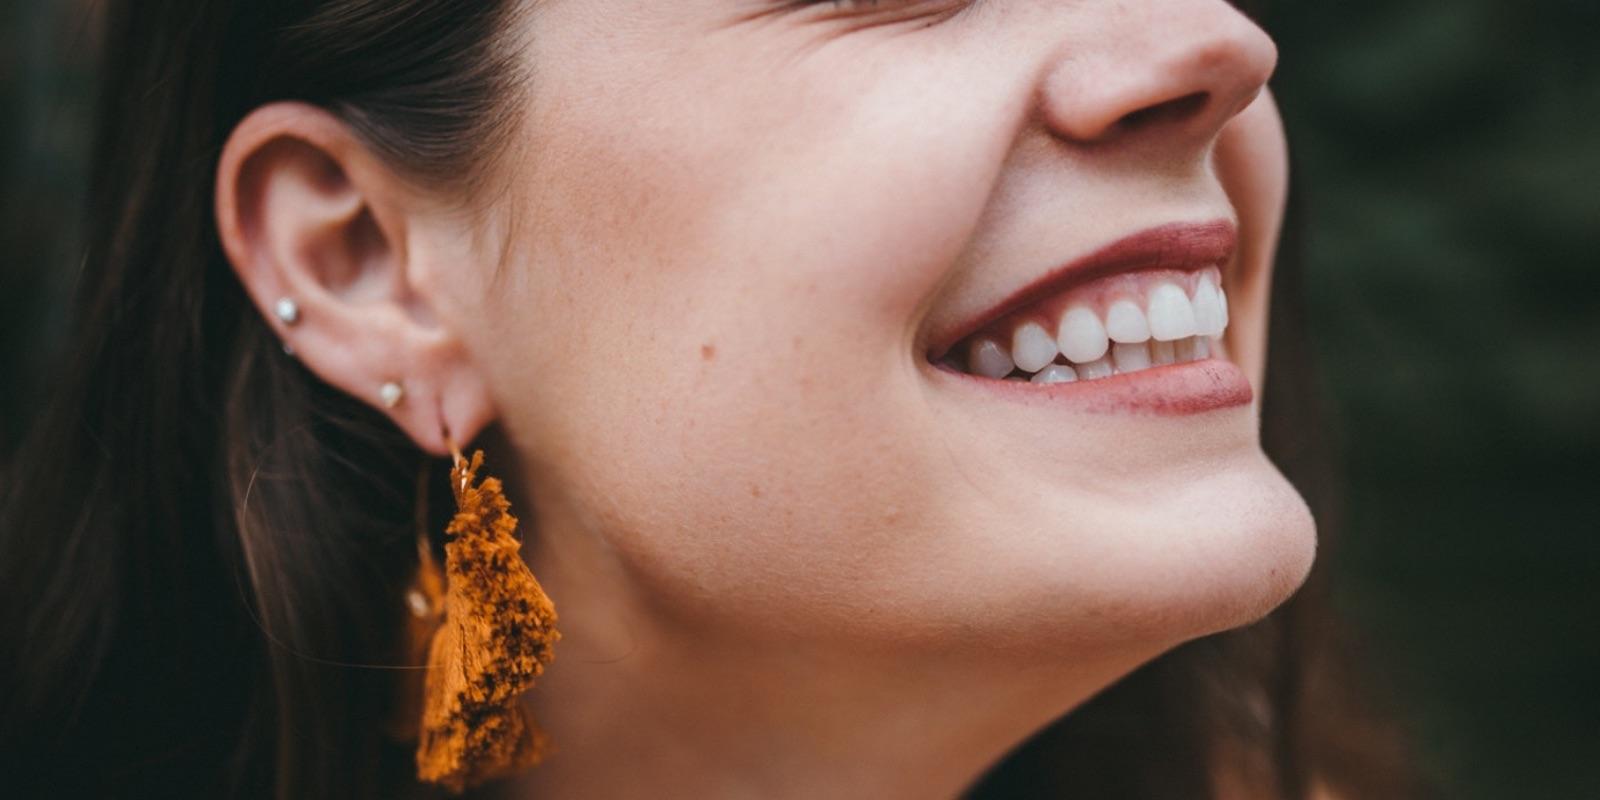 ooltewah-teeth-whitening.jpg